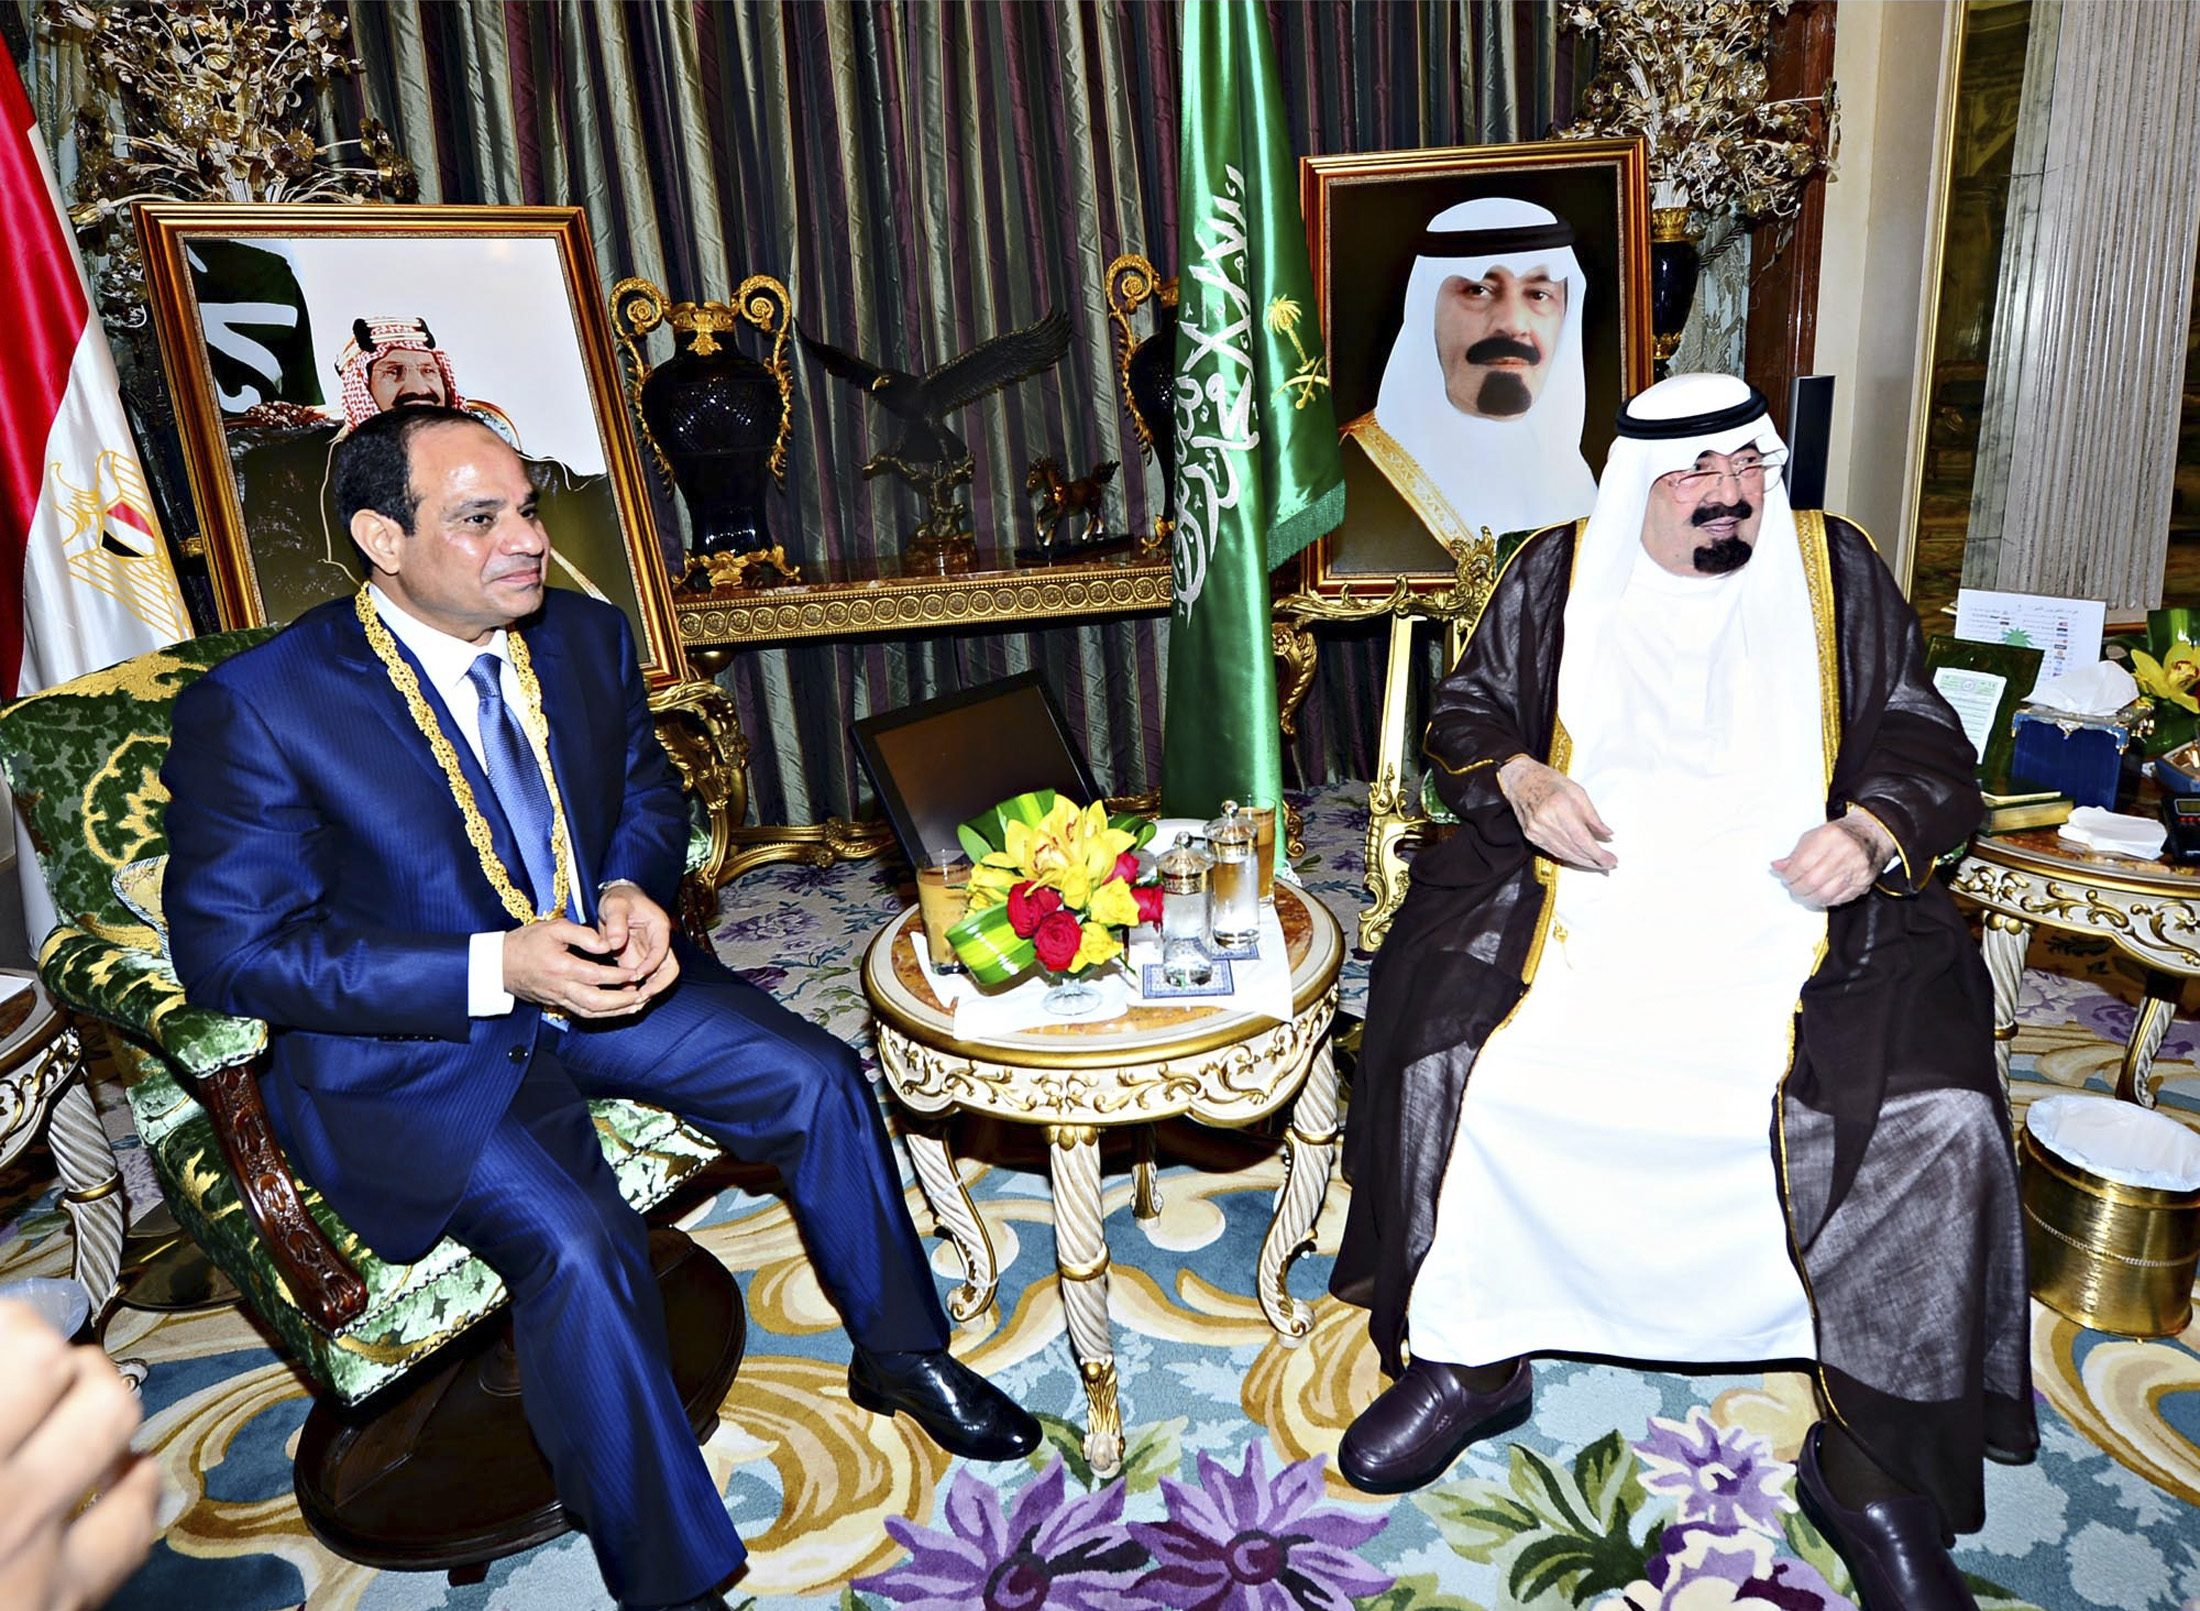 Президент Египта Абдель Фаттах Ас-Сиси и король Саудовской Аравии Абдалла (Фото: Reuters)